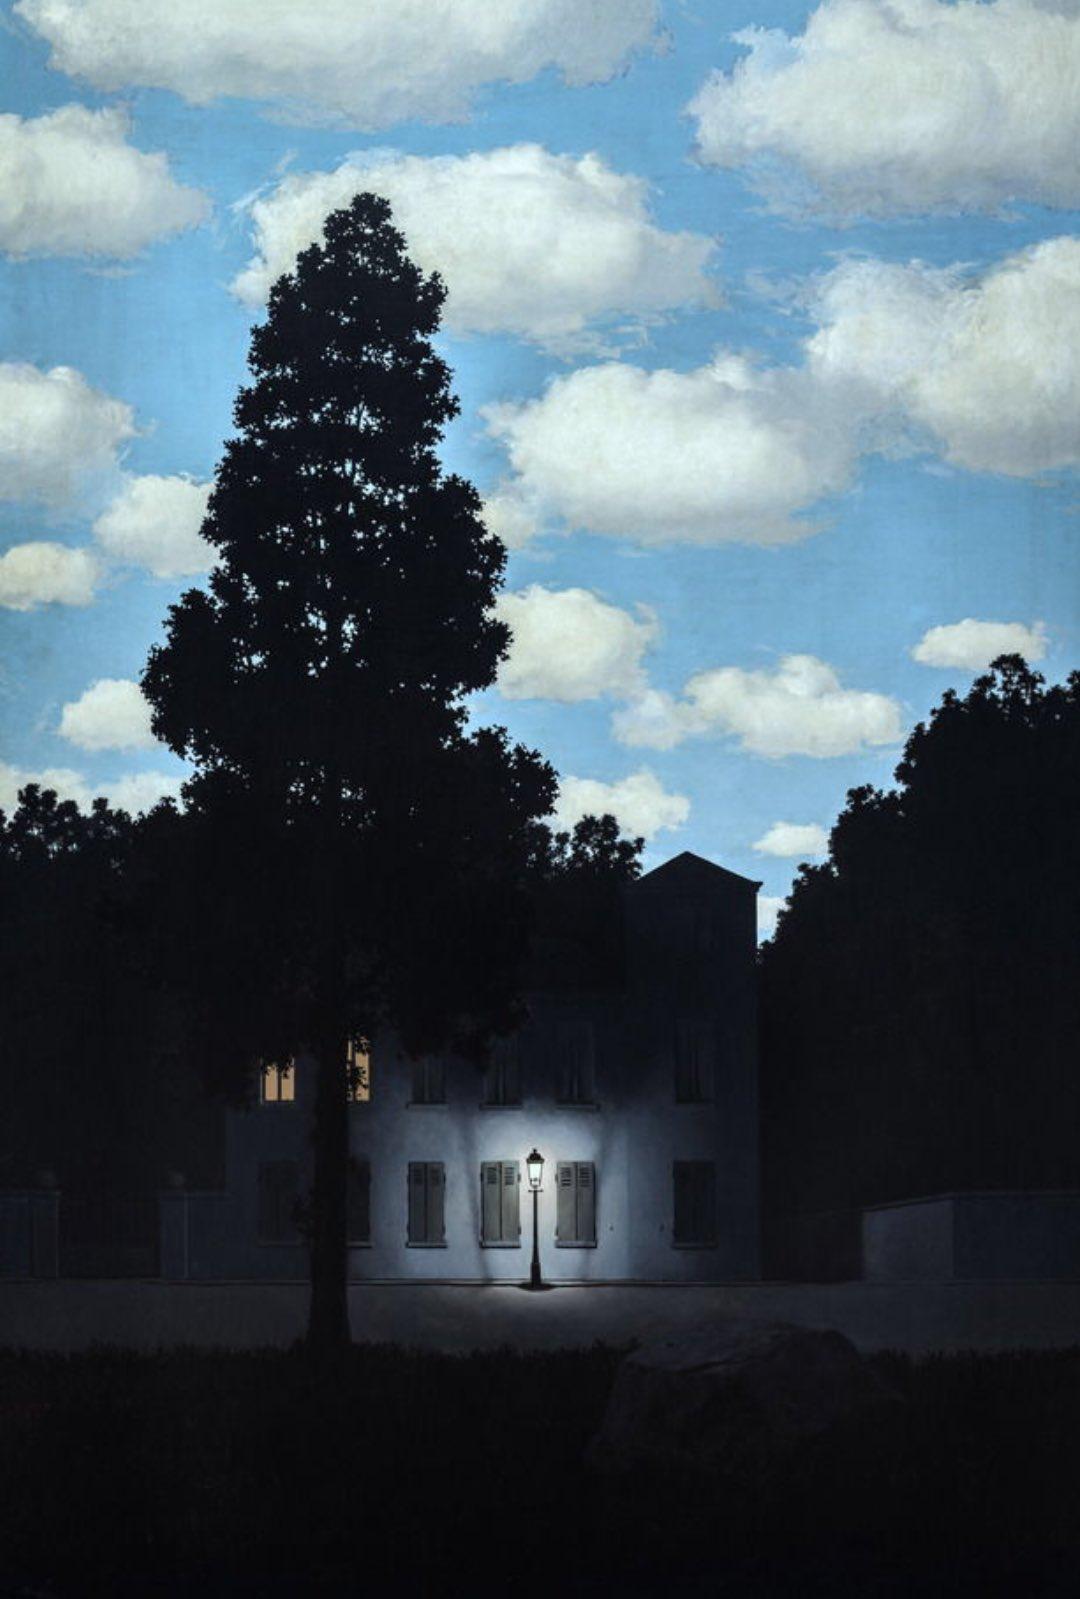 """➖MAGRITTE➖ """"Empire of Light"""", 1953 https://t.co/pSgfi4uR8p"""